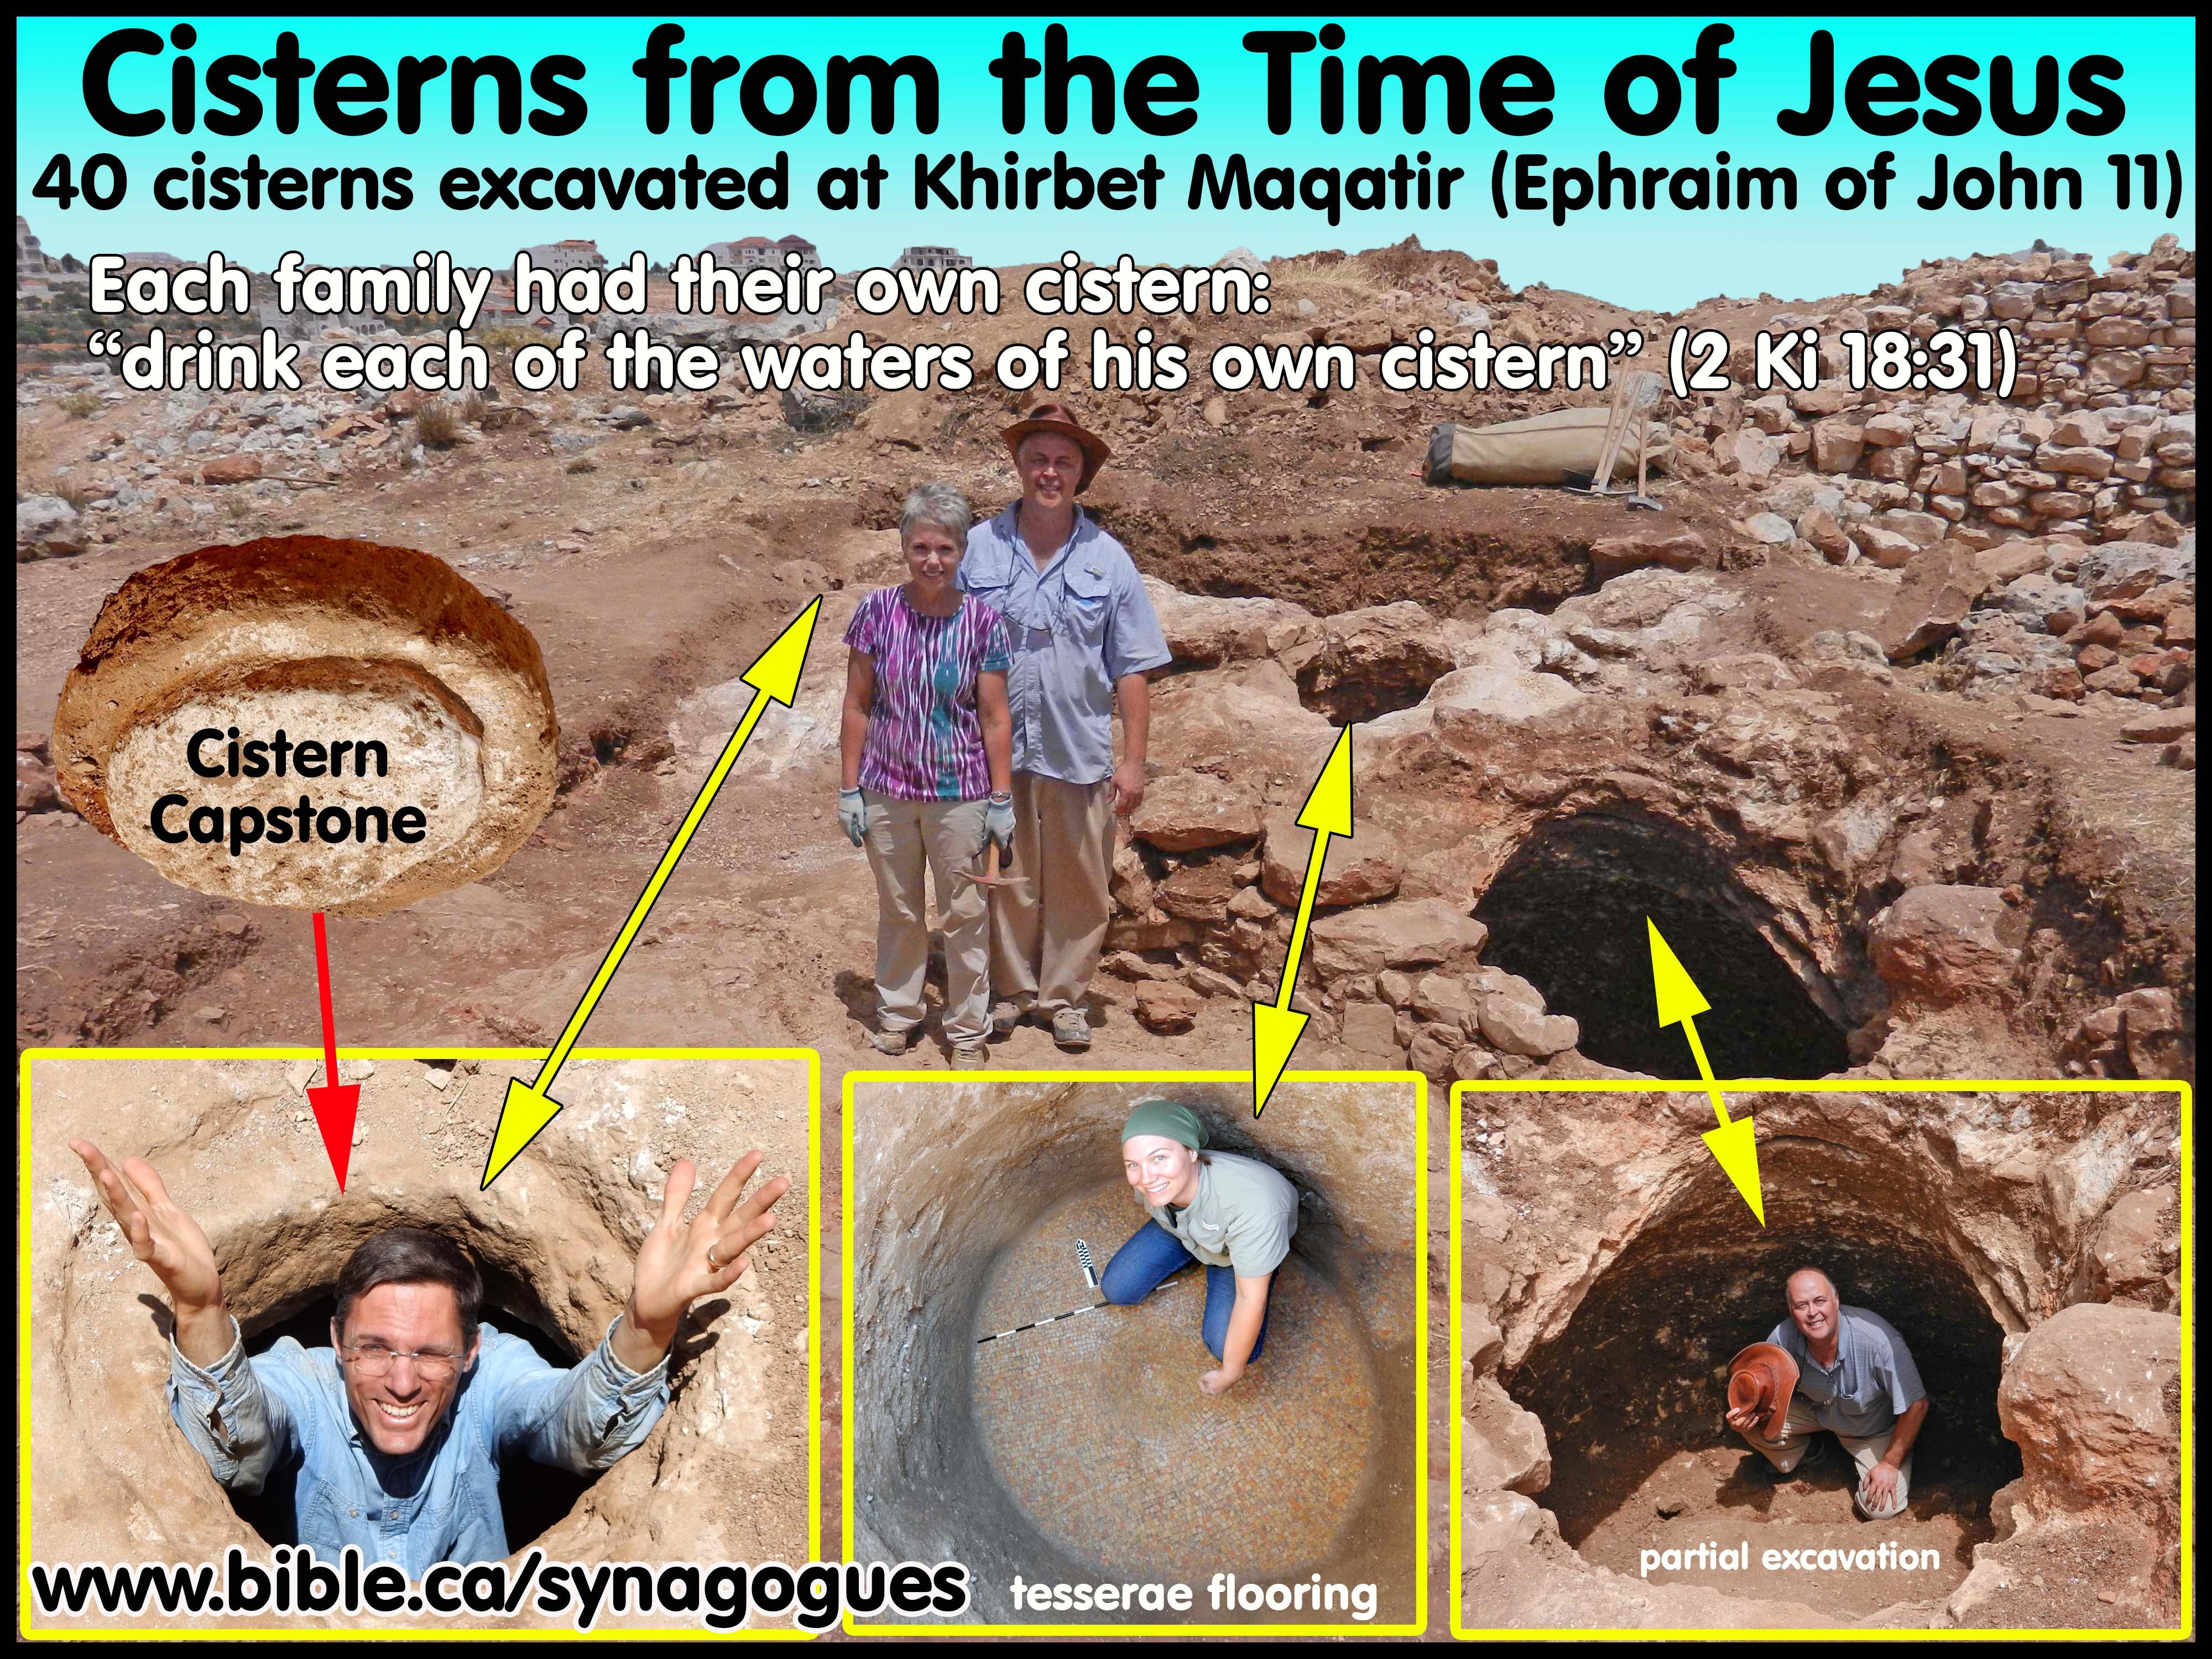 Jesus Master Builder Carpenter Stonemason Creator Build